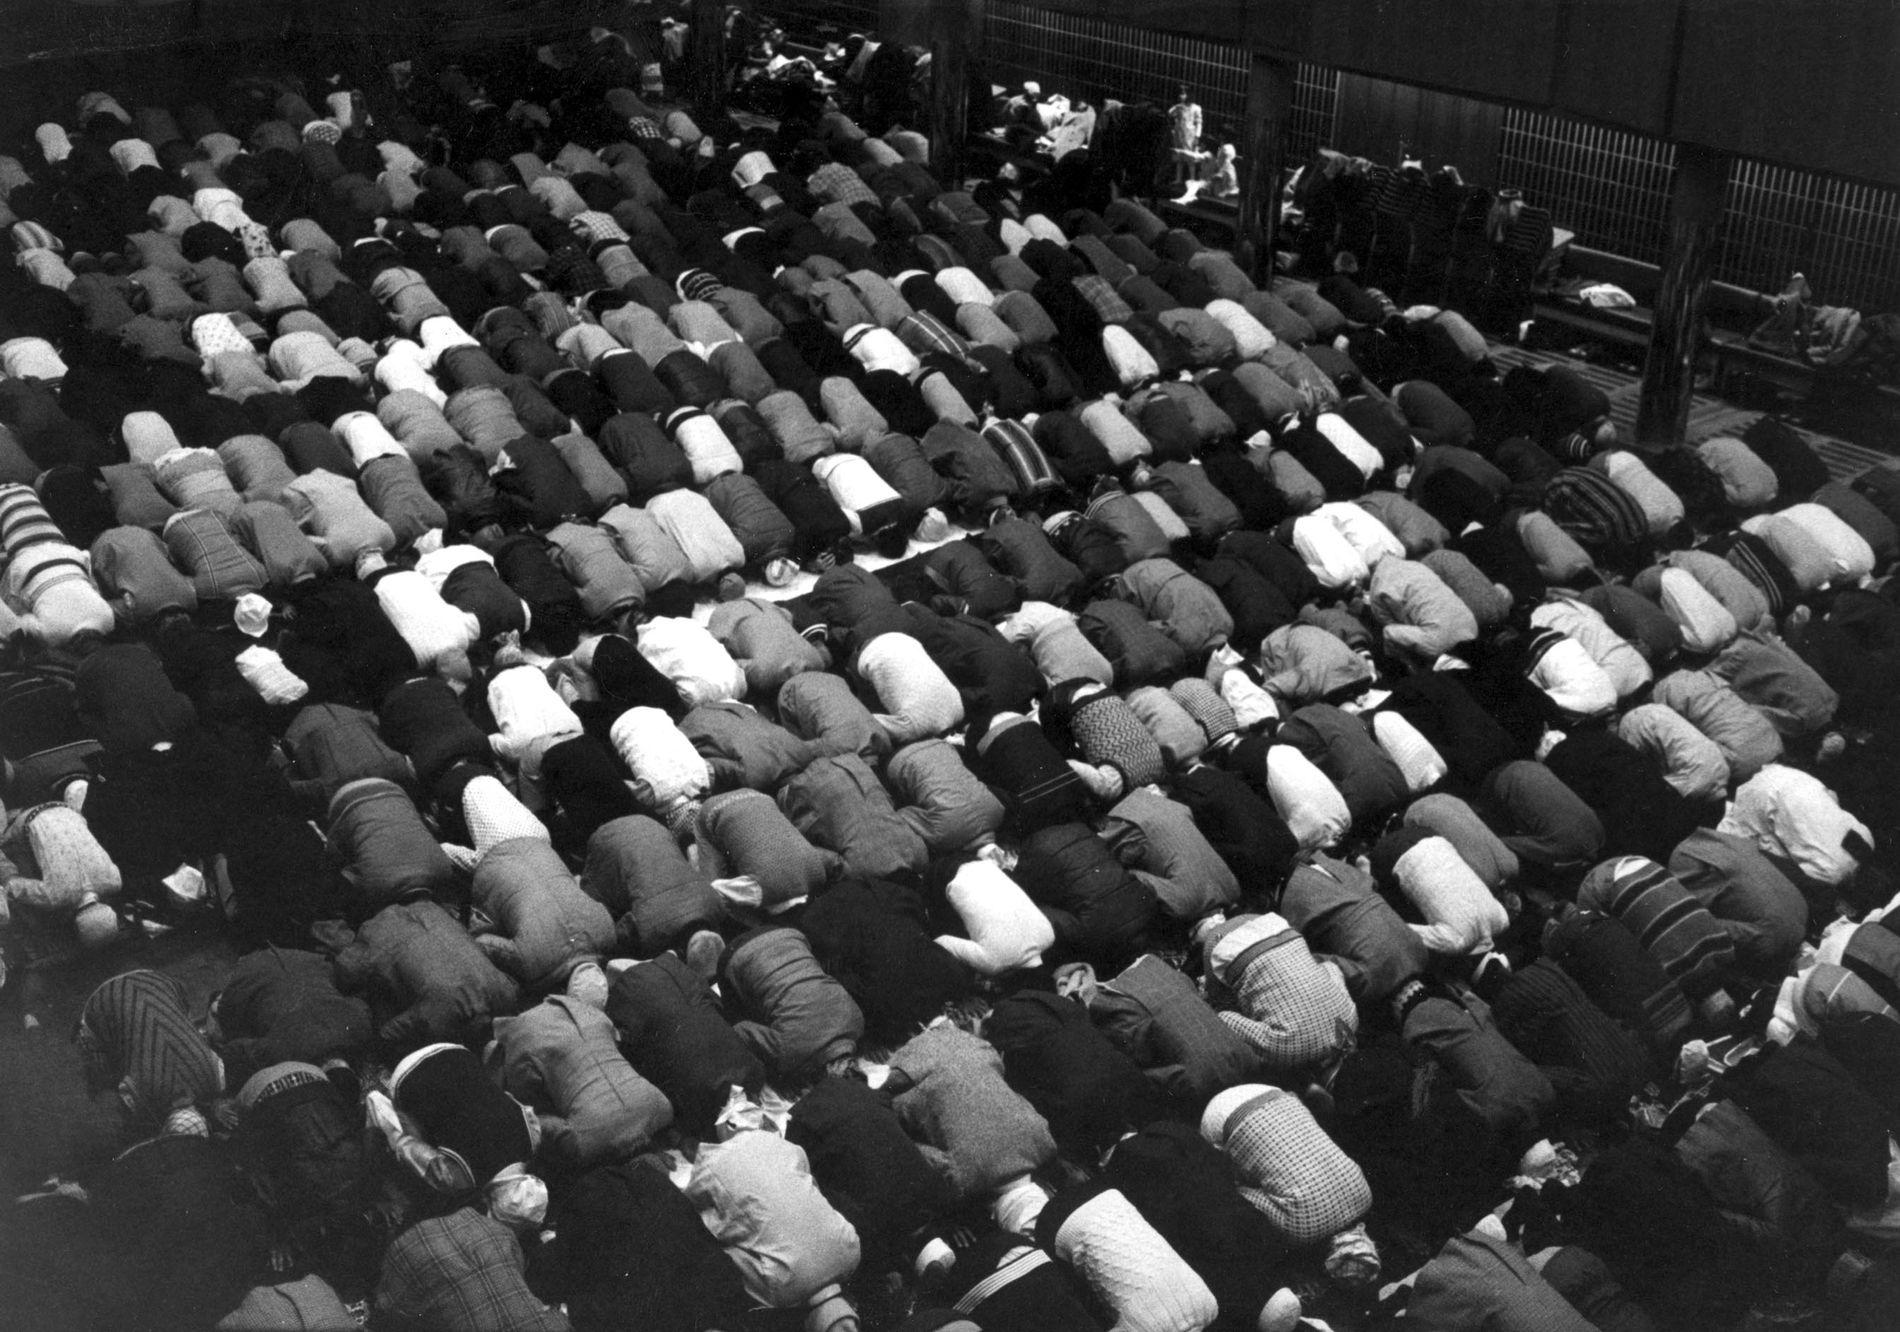 MOT MEKKA I OSLO: På 1970-tallet fikk Norge tusenvis av innvandrere fra muslimske land. Her feirer noen av dem Eid i Oslo i 1979.